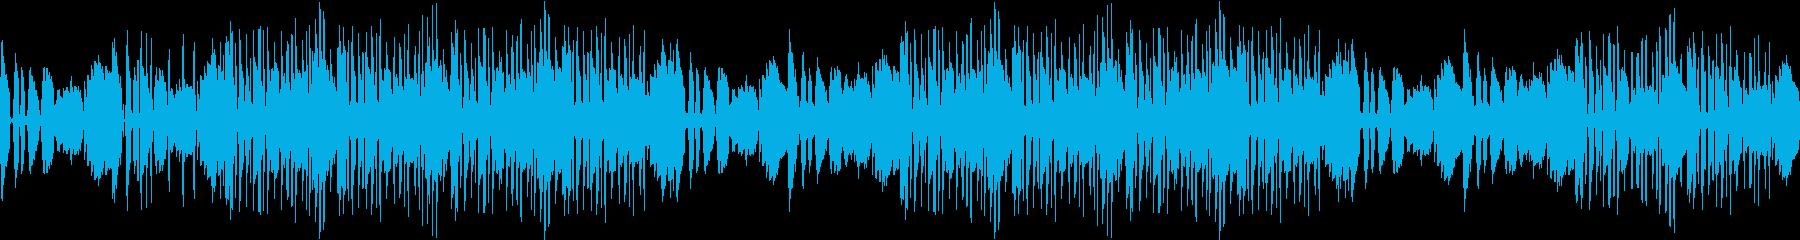 ギター・センチメンタル・爽やか・ループの再生済みの波形